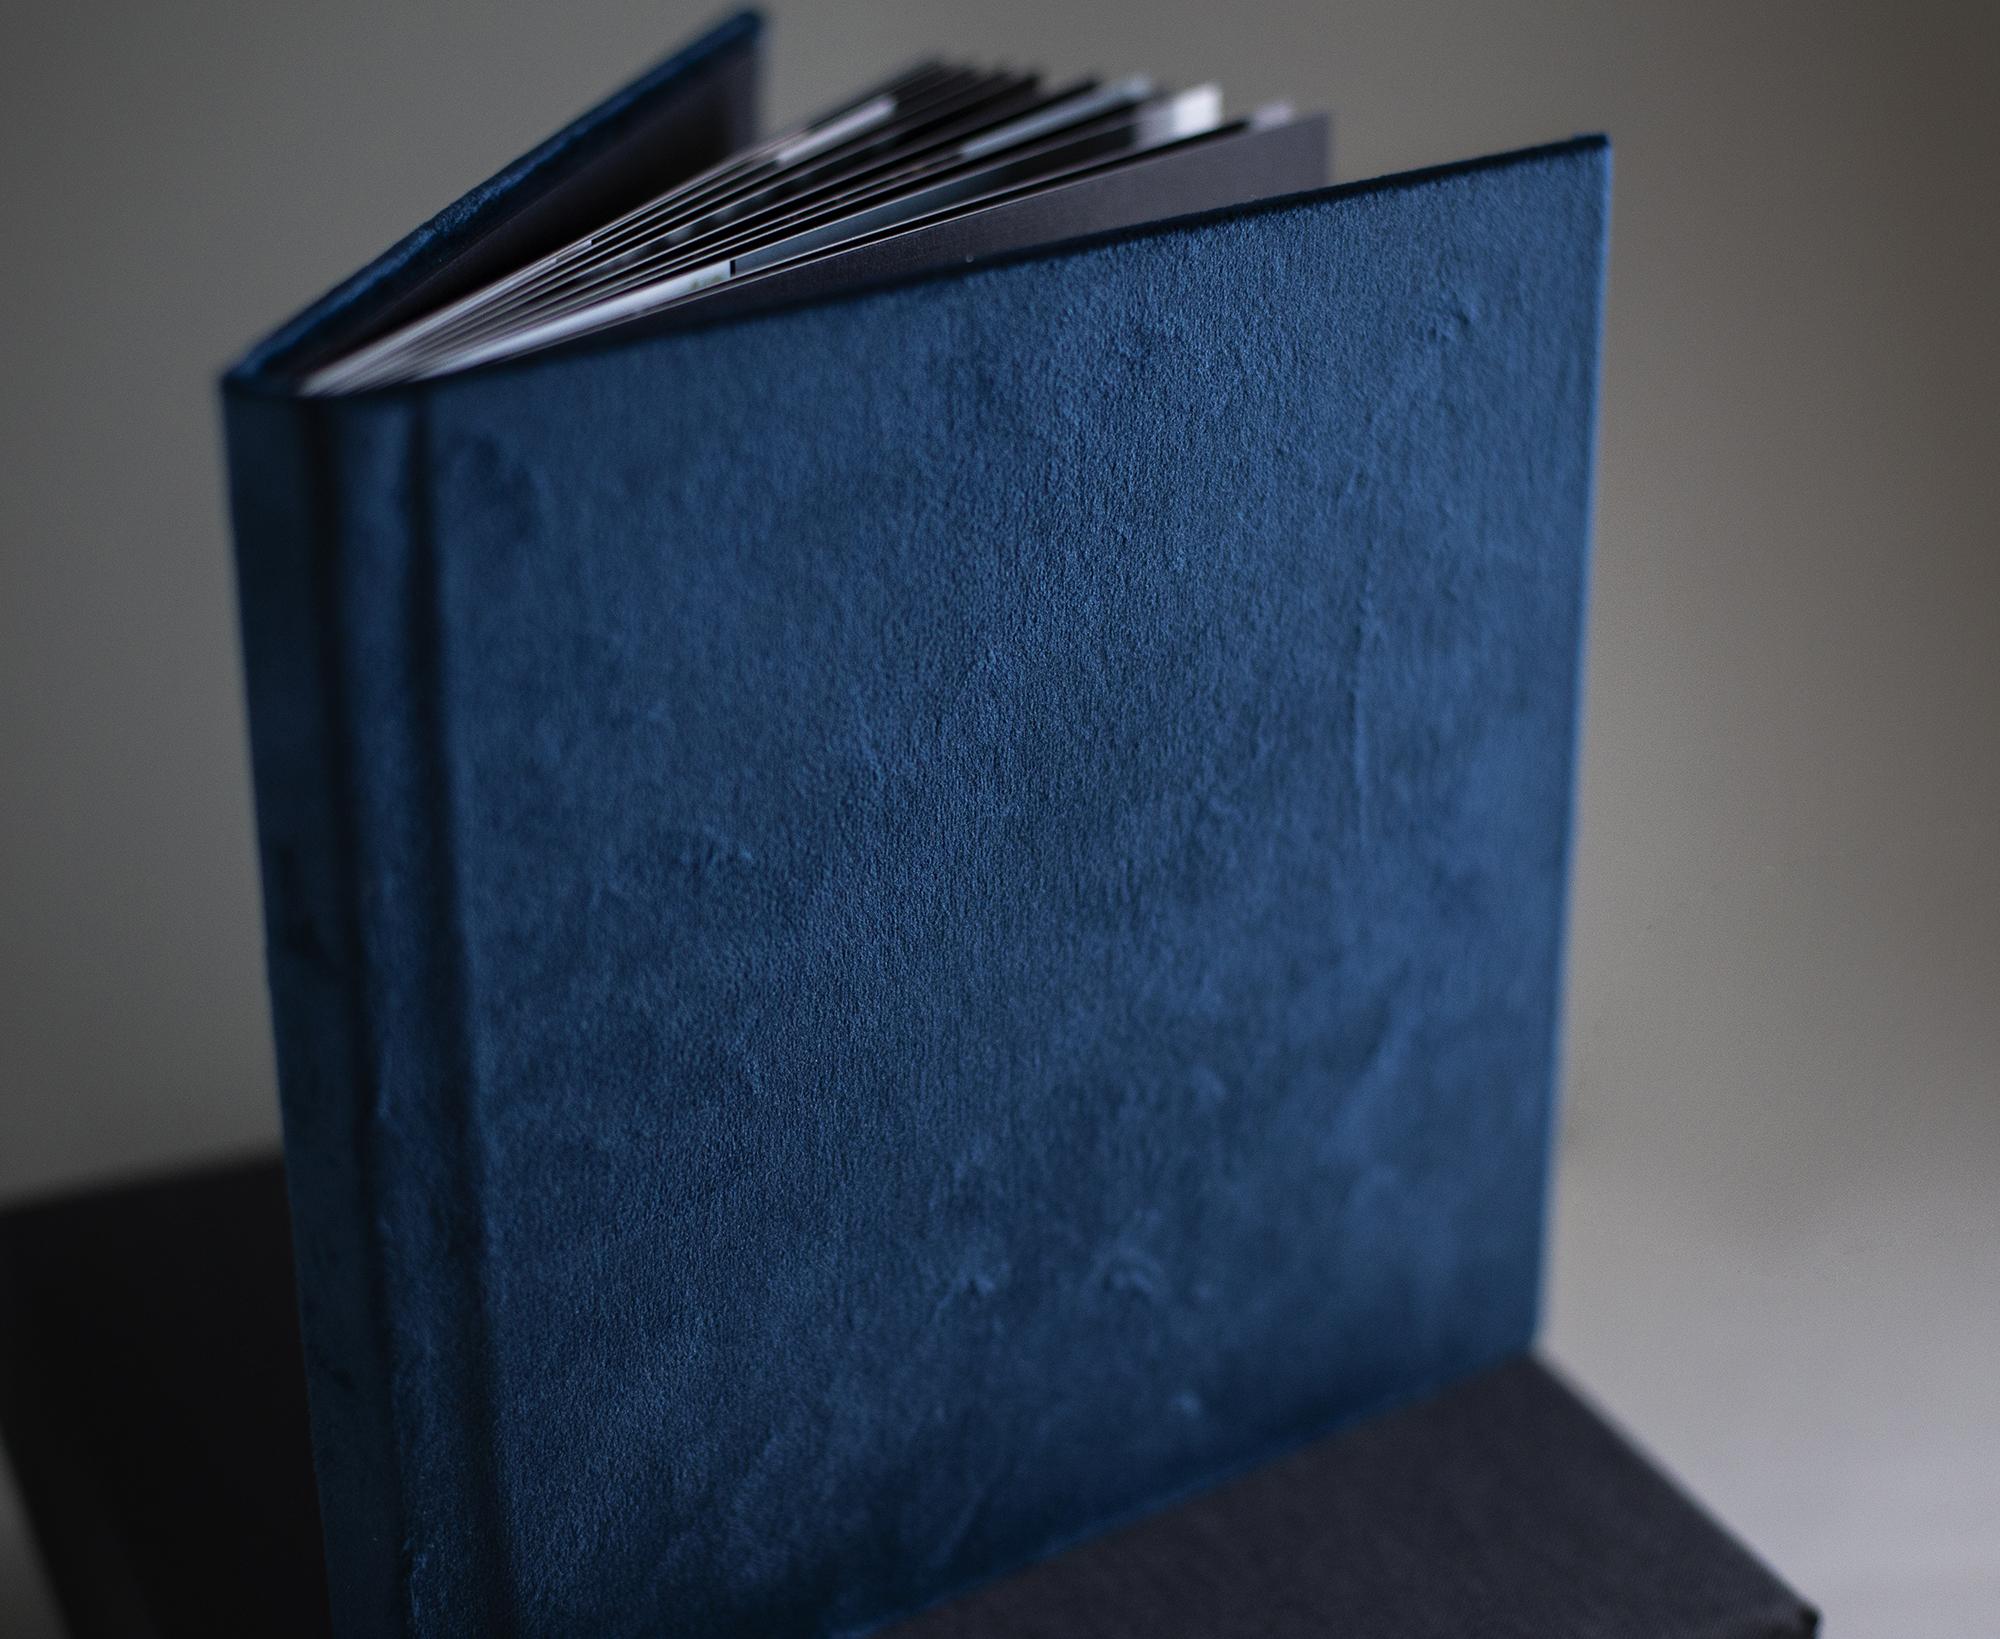 boudoirbook.jpg